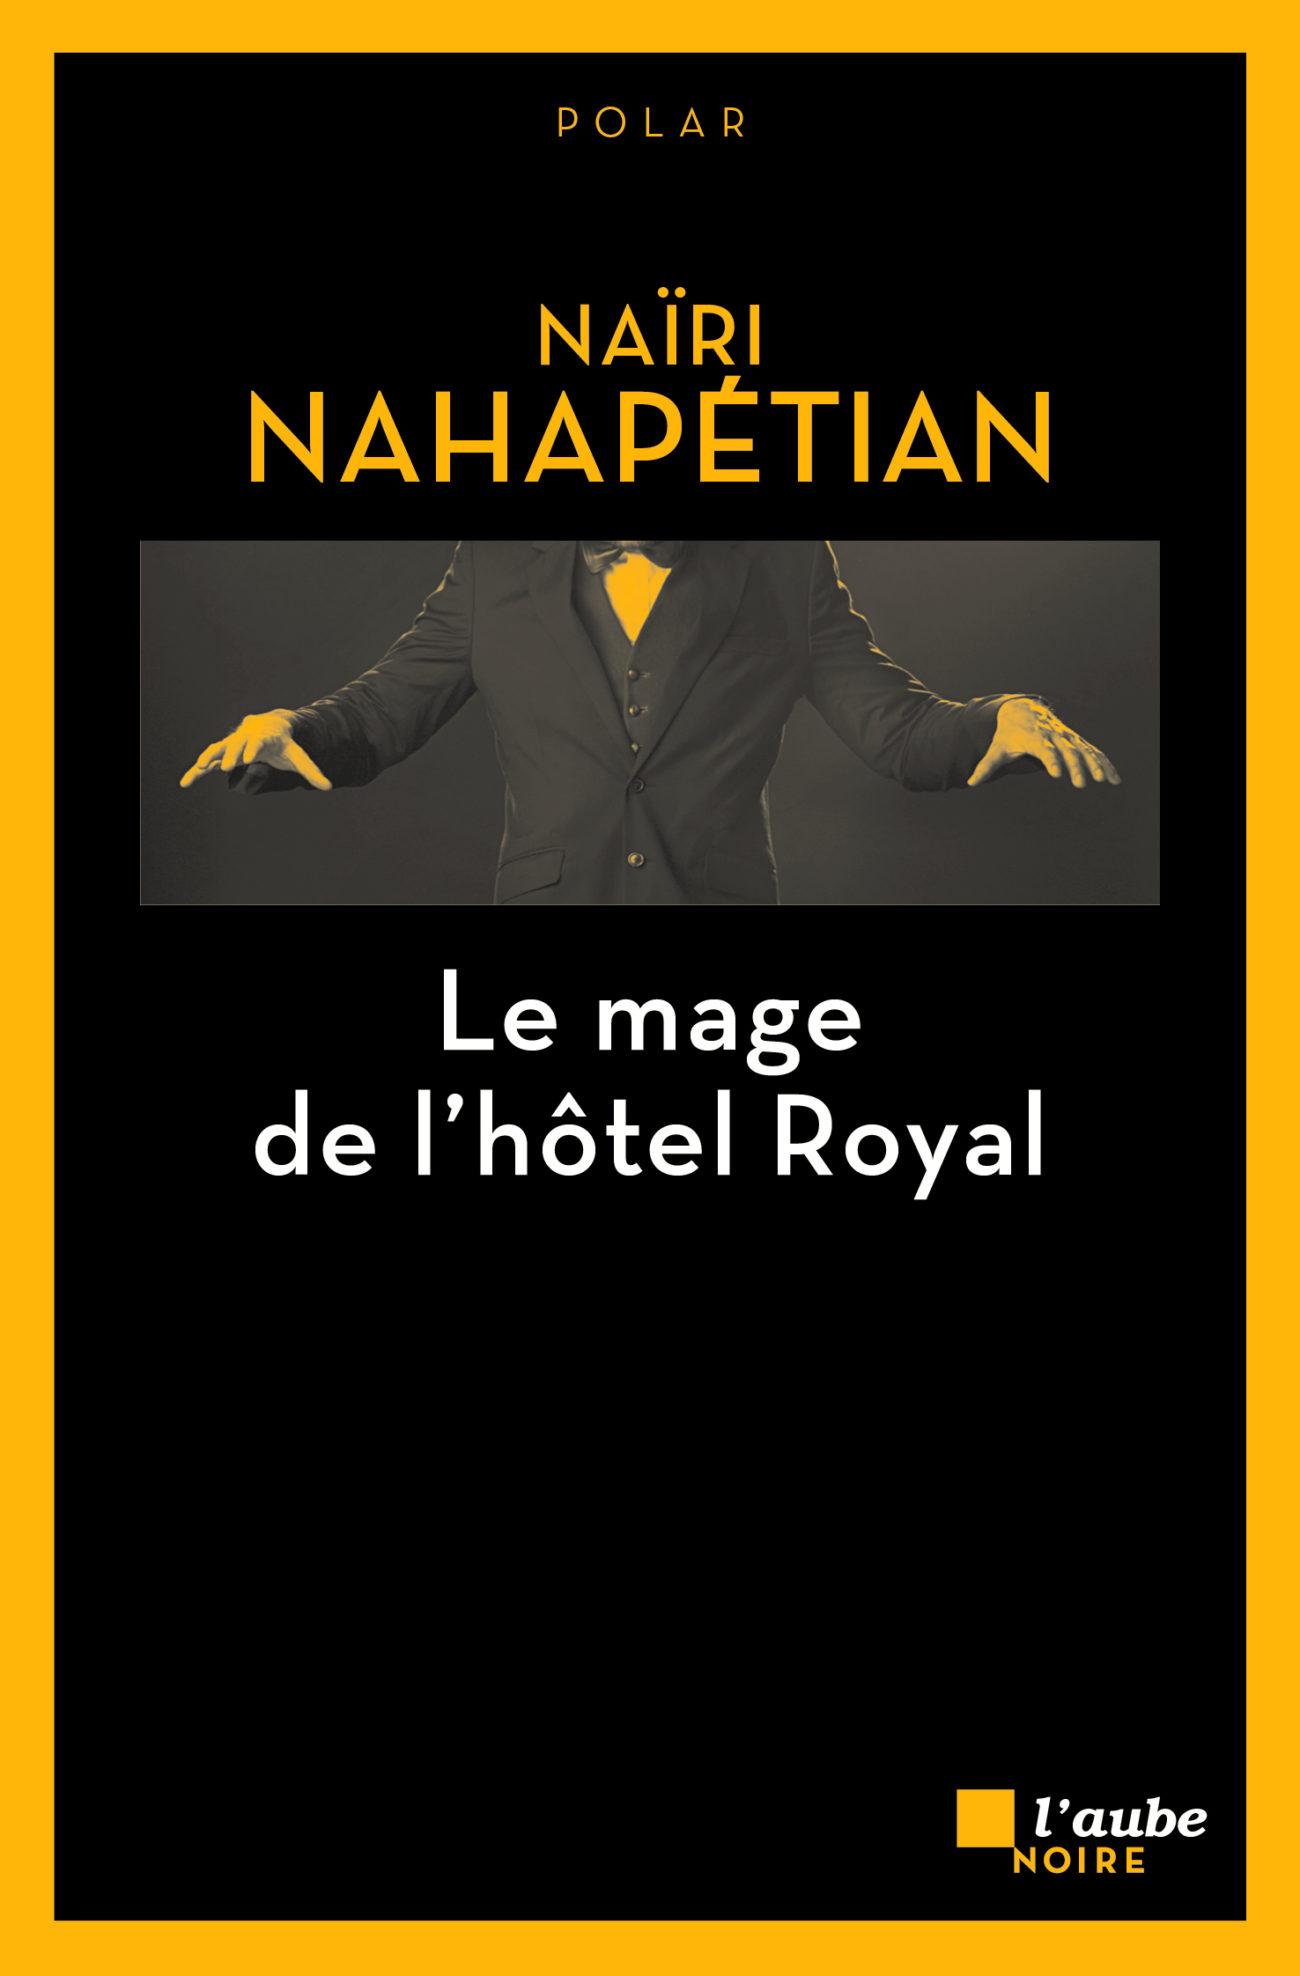 Le mage de l'hôtel Royal